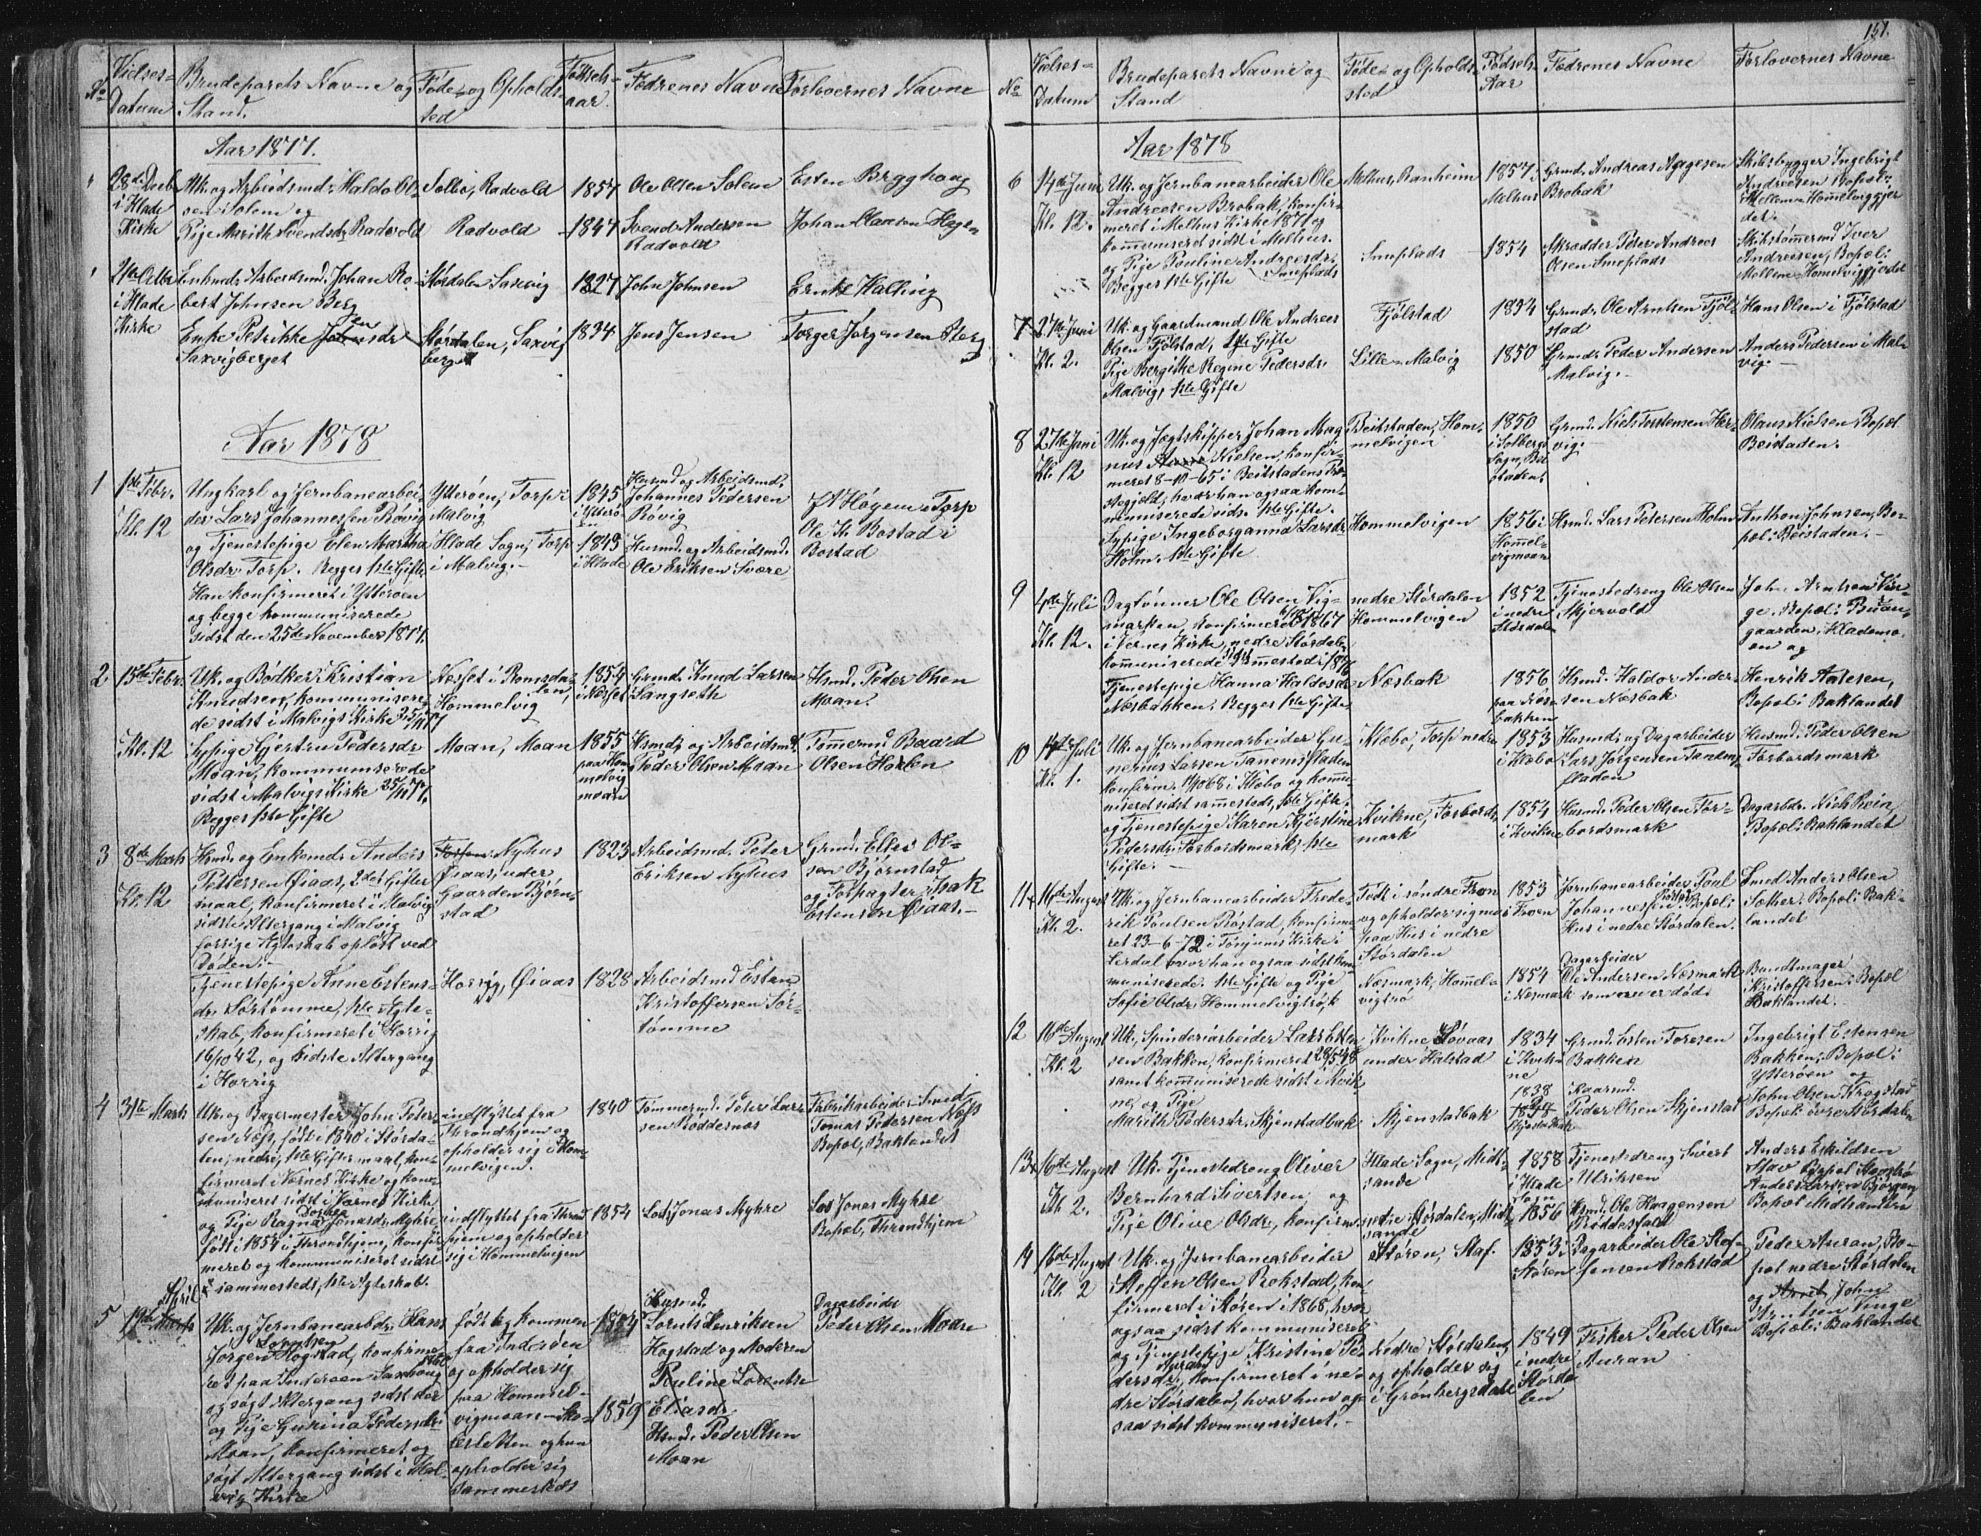 SAT, Ministerialprotokoller, klokkerbøker og fødselsregistre - Sør-Trøndelag, 616/L0406: Ministerialbok nr. 616A03, 1843-1879, s. 151